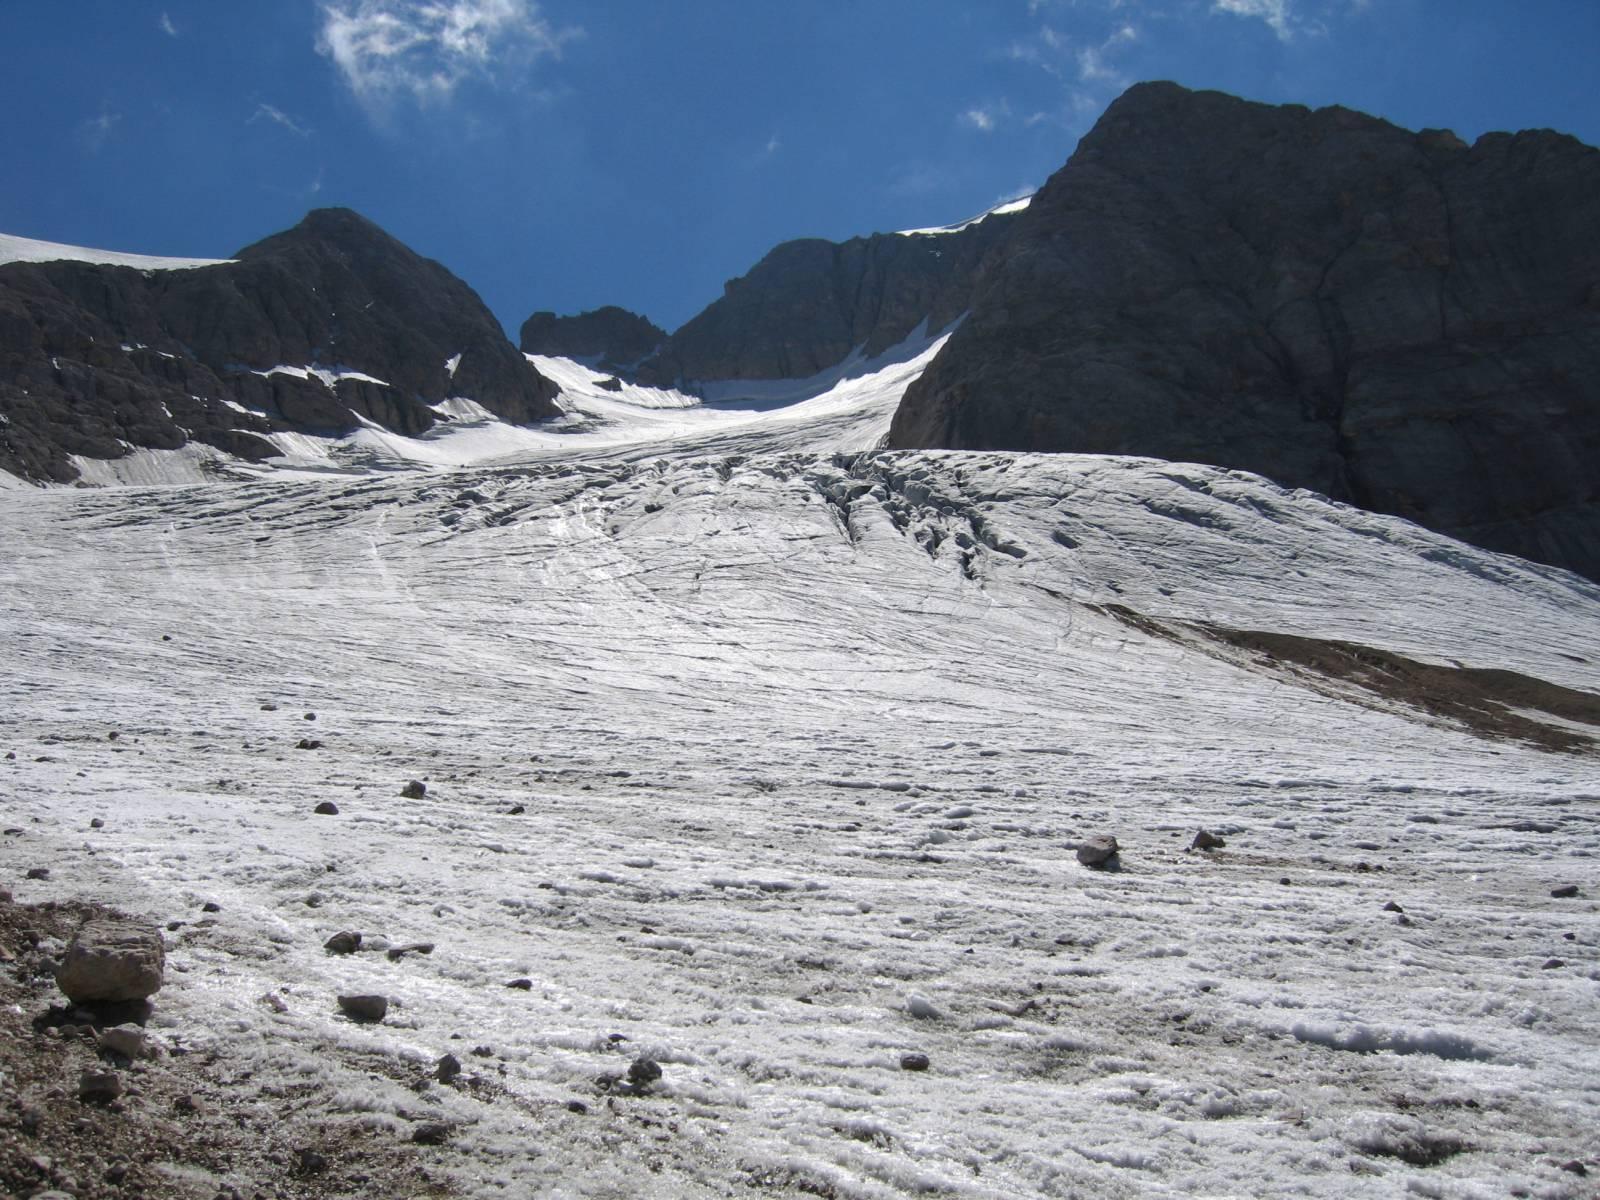 150 év alatt a felüknél is kisebbre zsugorodtak az olaszországi gleccserek